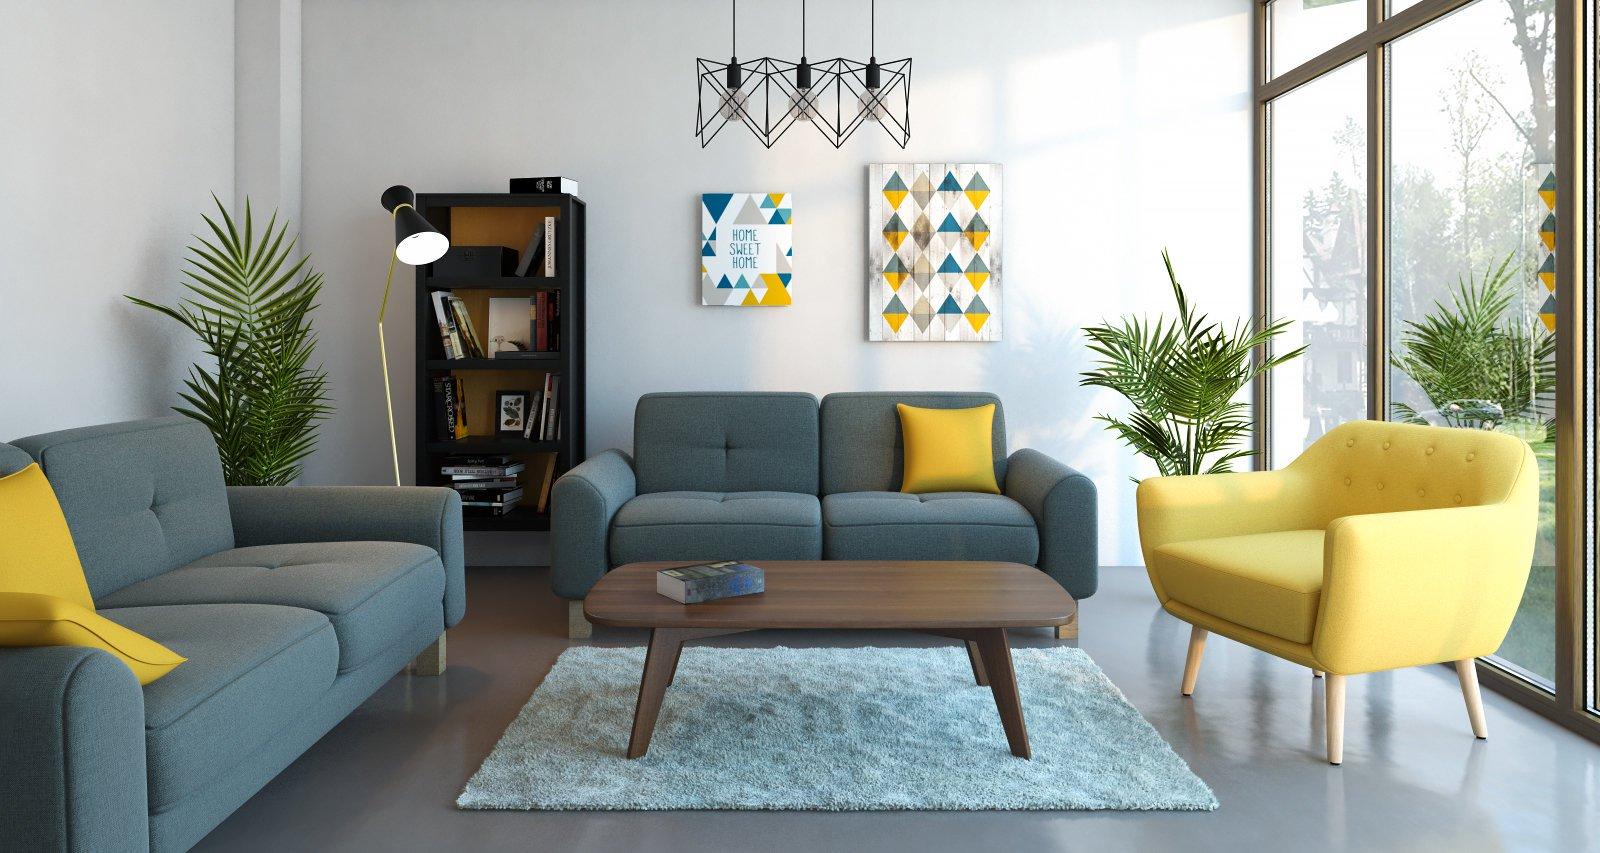 Salon scandinave jaune gris - Idées déco maison  Idee deco salon